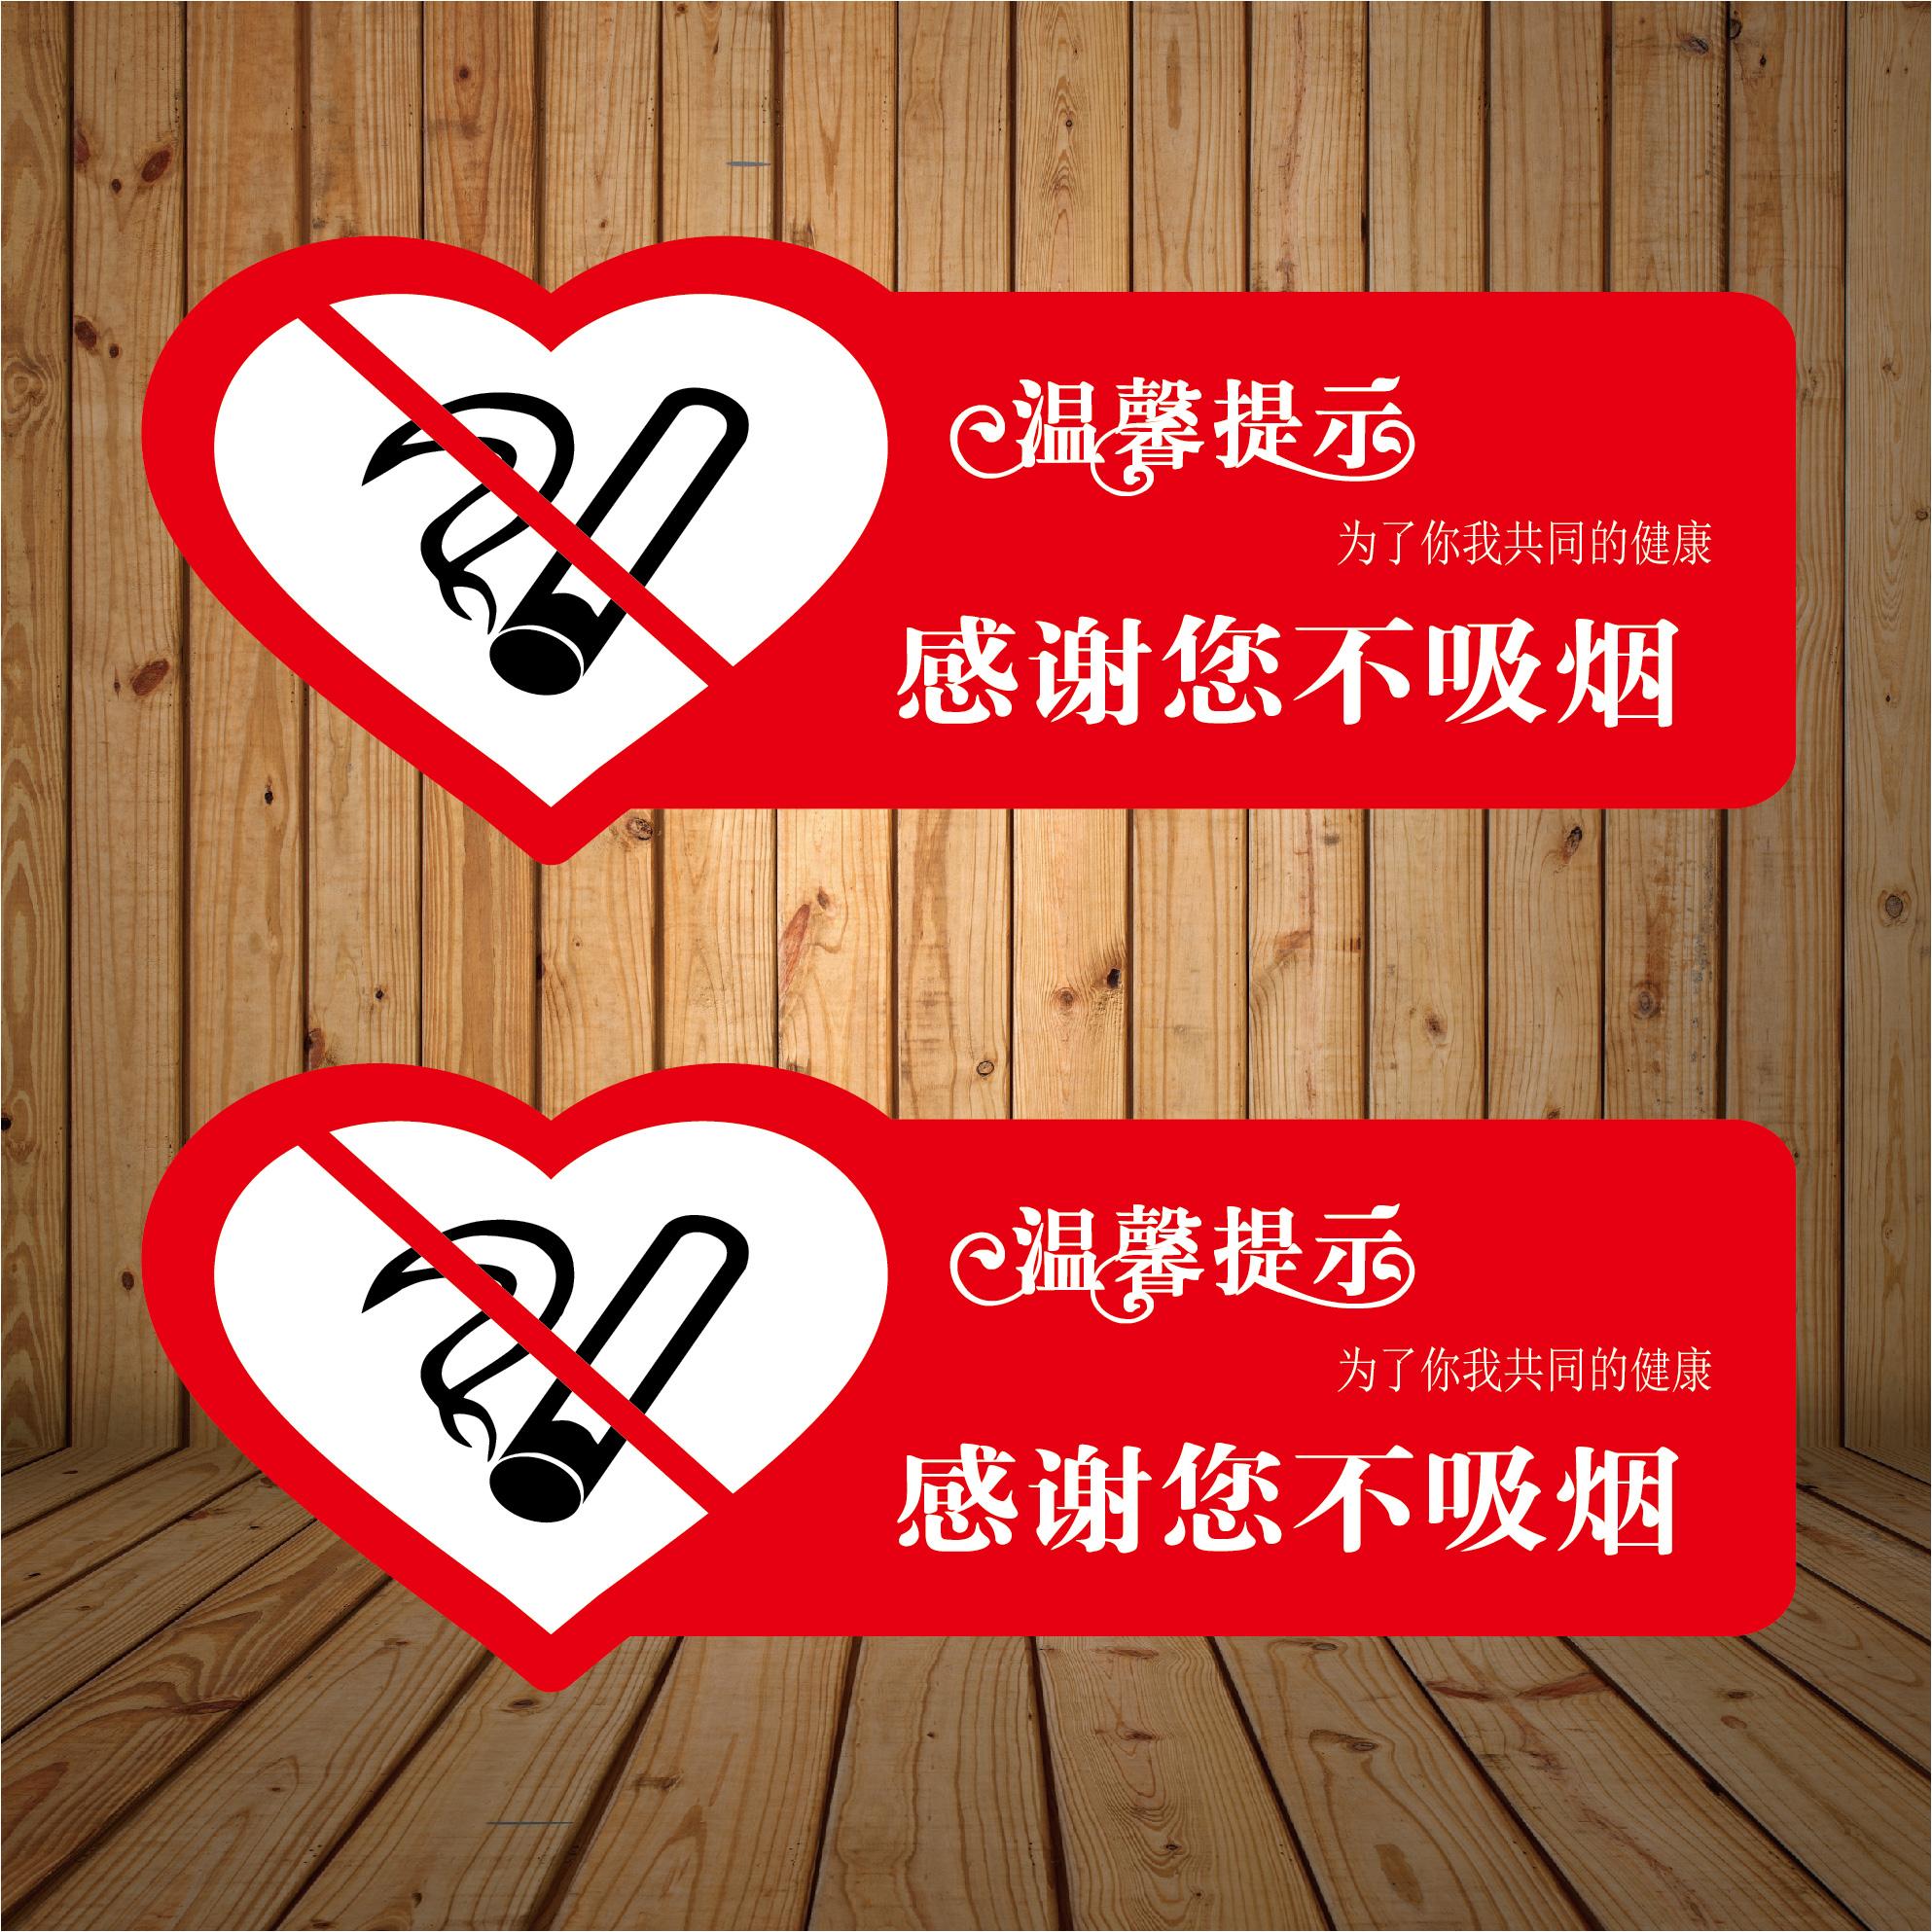 新款亚克力请勿吸烟墙贴禁烟标志墙贴商场禁止吸烟控烟标识牌包邮